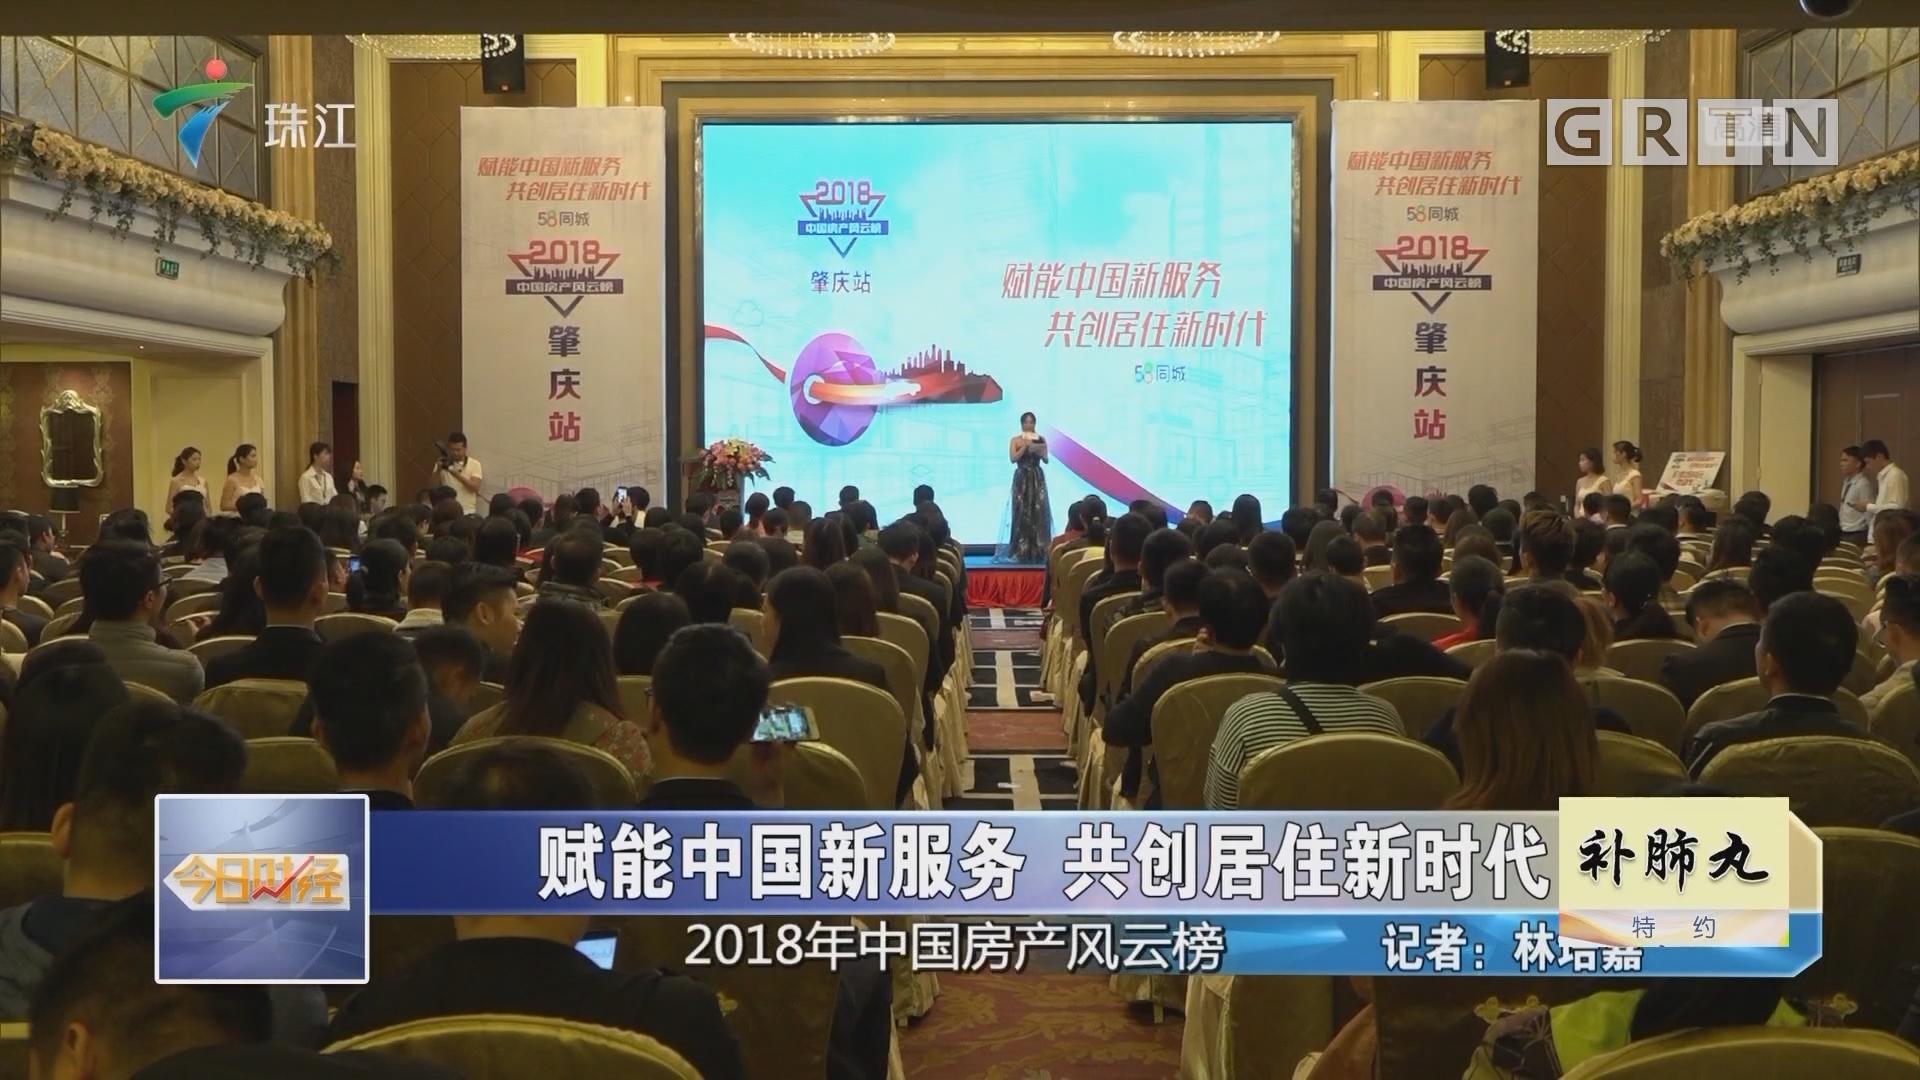 赋能中国新服务 共创居住新时代